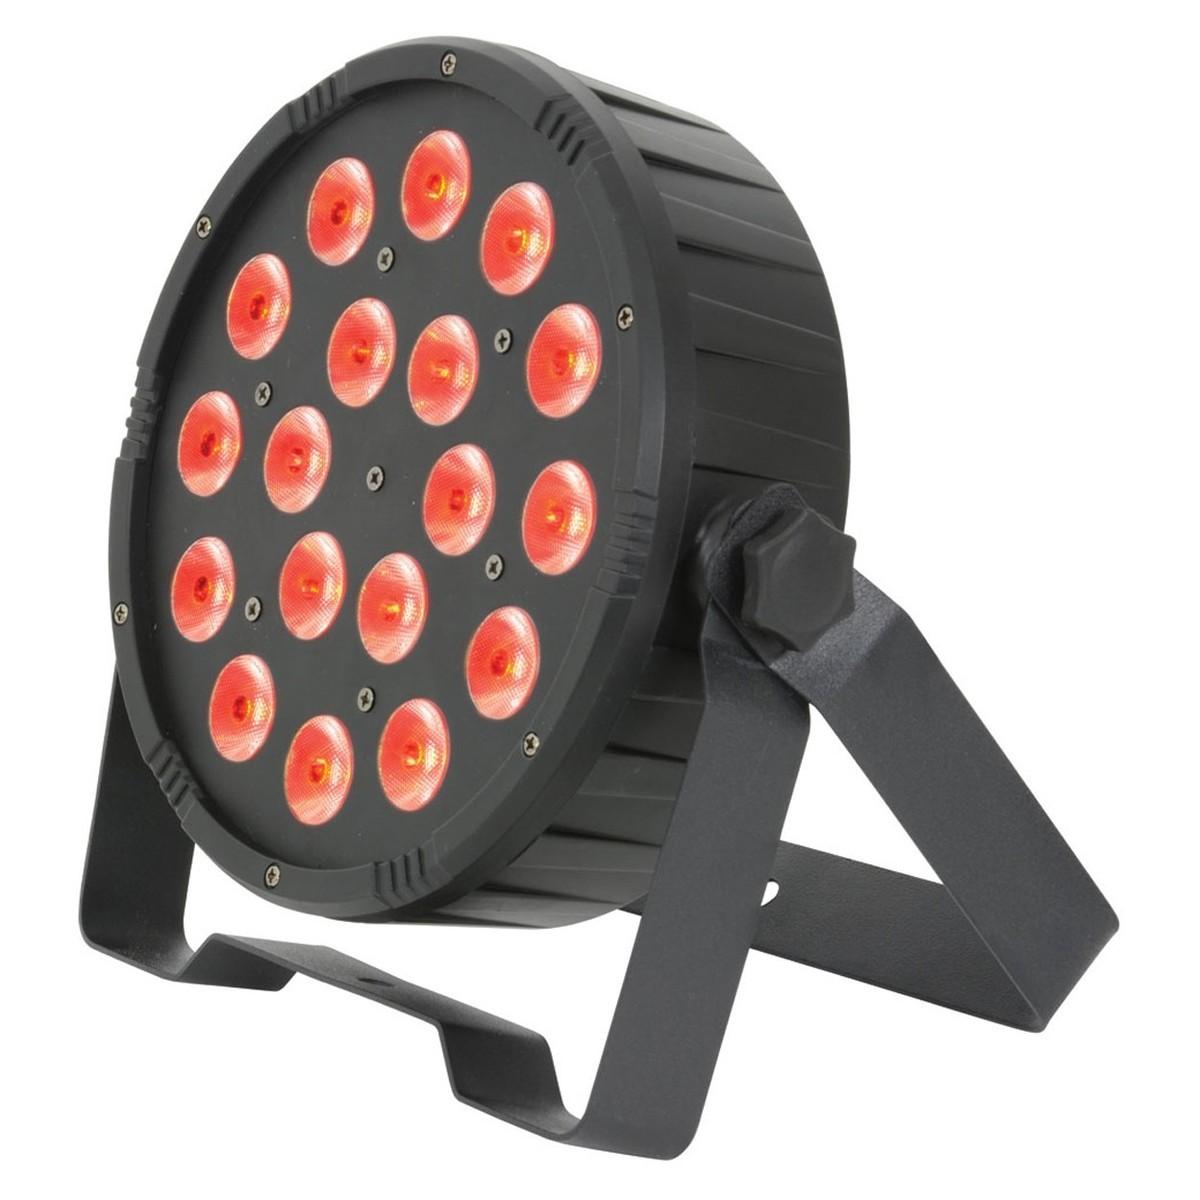 QTX PAR100 High Power LED Par Can